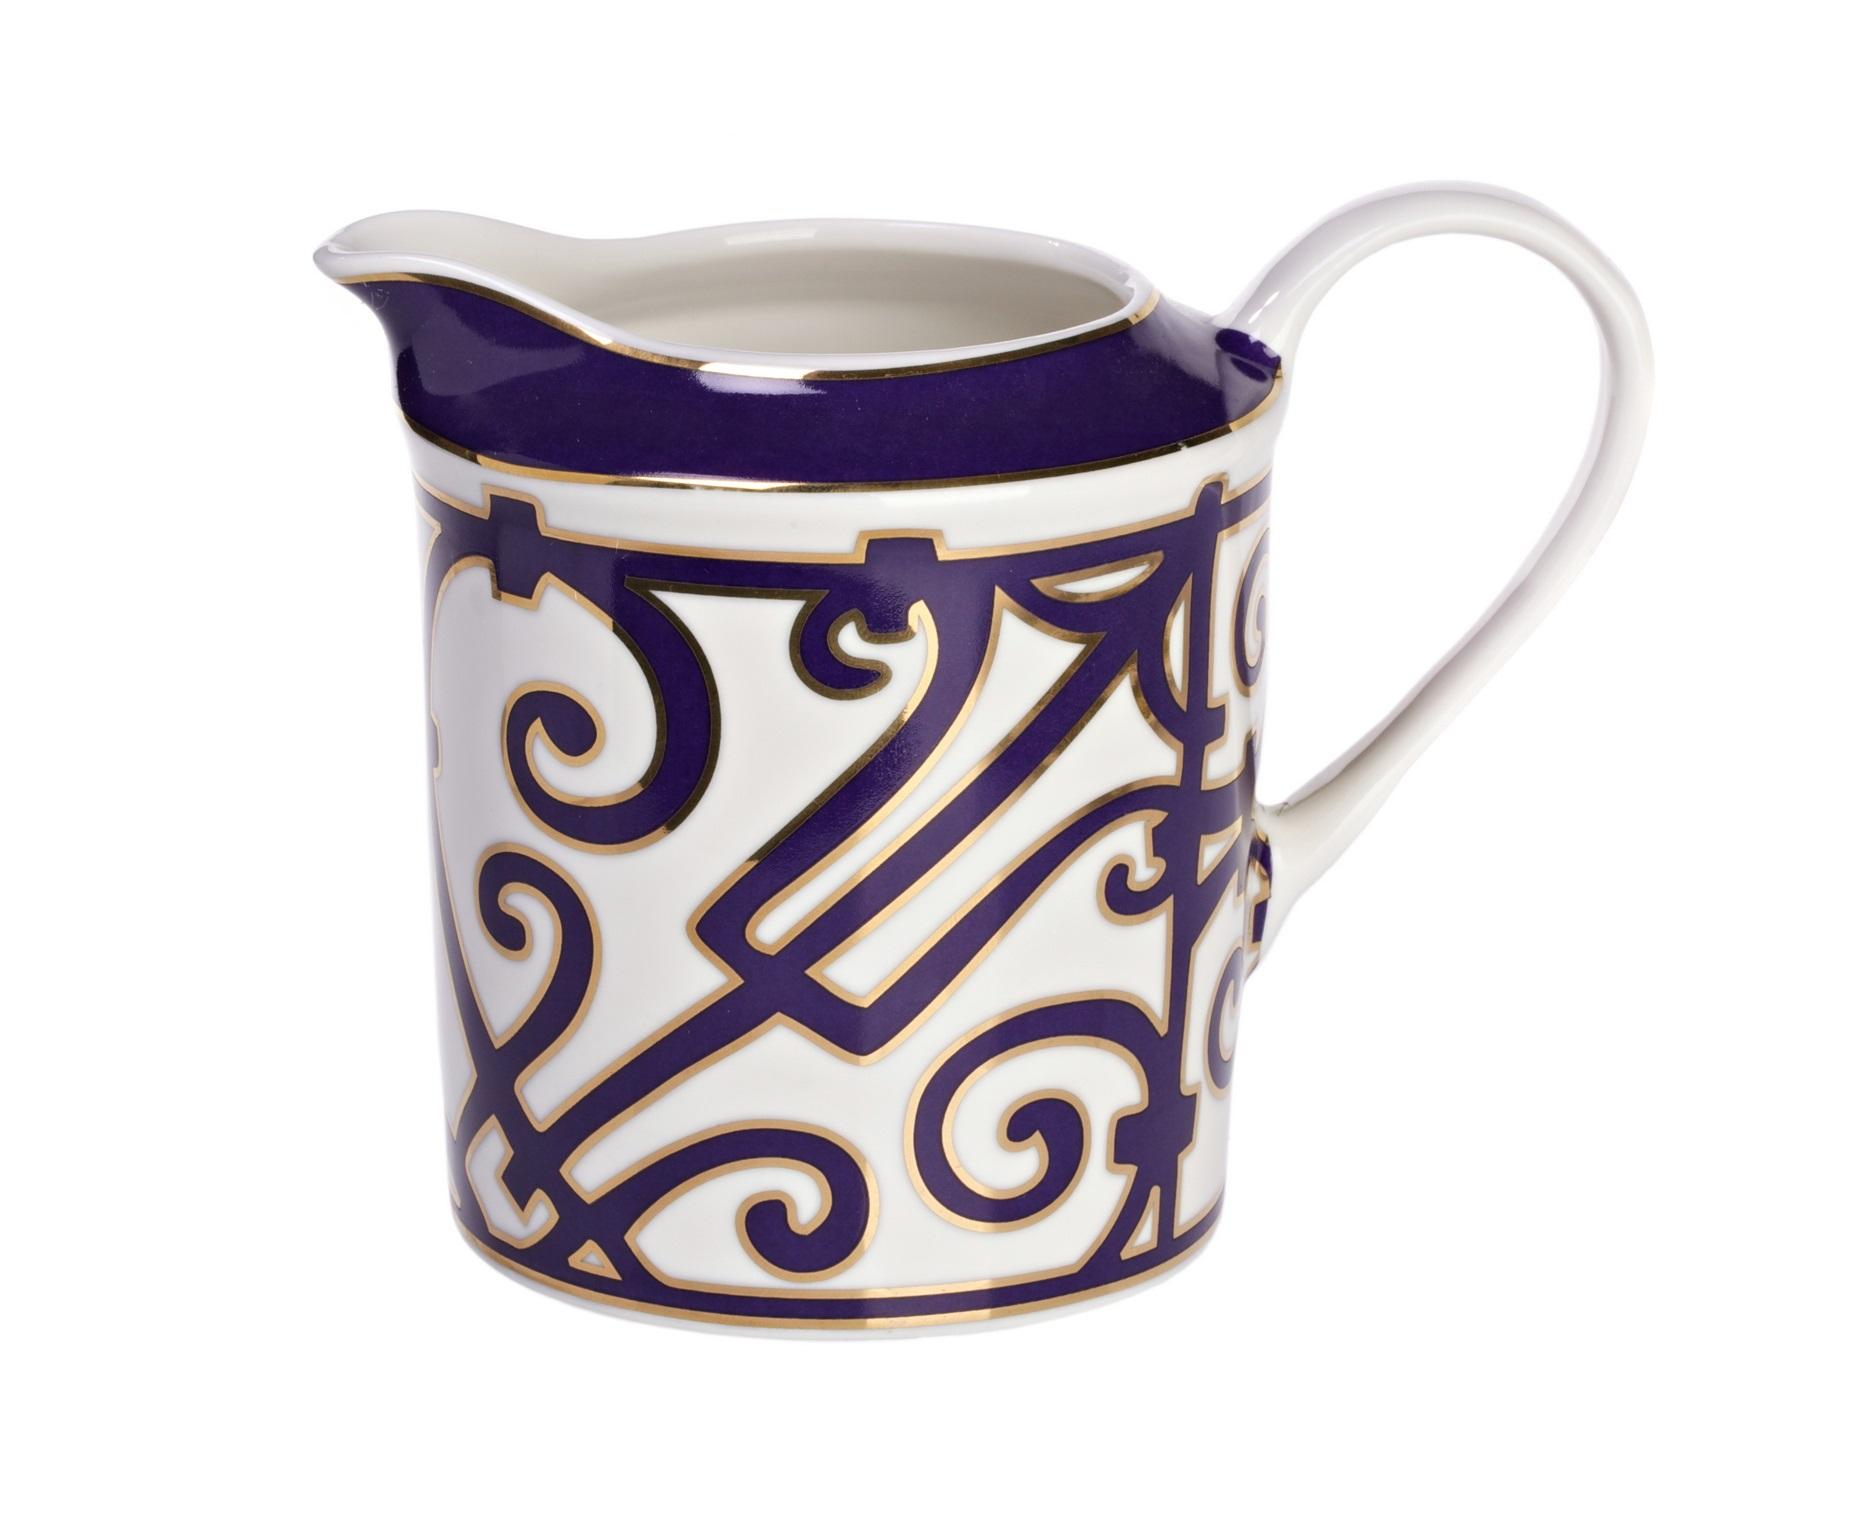 Молочник Violet DreamsКофейники и молочники<br>В состав классического чайного сервиза обязательно входит молочник. Согласно легенде чай с молоком ввела в употребление супруга английского короля Чарльза II Екатерина. Она приказала подавать чай в чашках из тончайшего фарфора. Прислуга, опасаясь, что фарфор может треснуть от кипятка, сначала наливала в чашки молоко и лишь потом — горячий чай. Так появилась традиция пить чай с молоком.<br>Изысканный фарфоровый молочник «Violet Dreams» станет прекрасным дополнением к другим предметам для чаепития серии «Фиолетовые сны».<br><br>Material: Фарфор<br>Width см: 12<br>Depth см: 9<br>Height см: 14